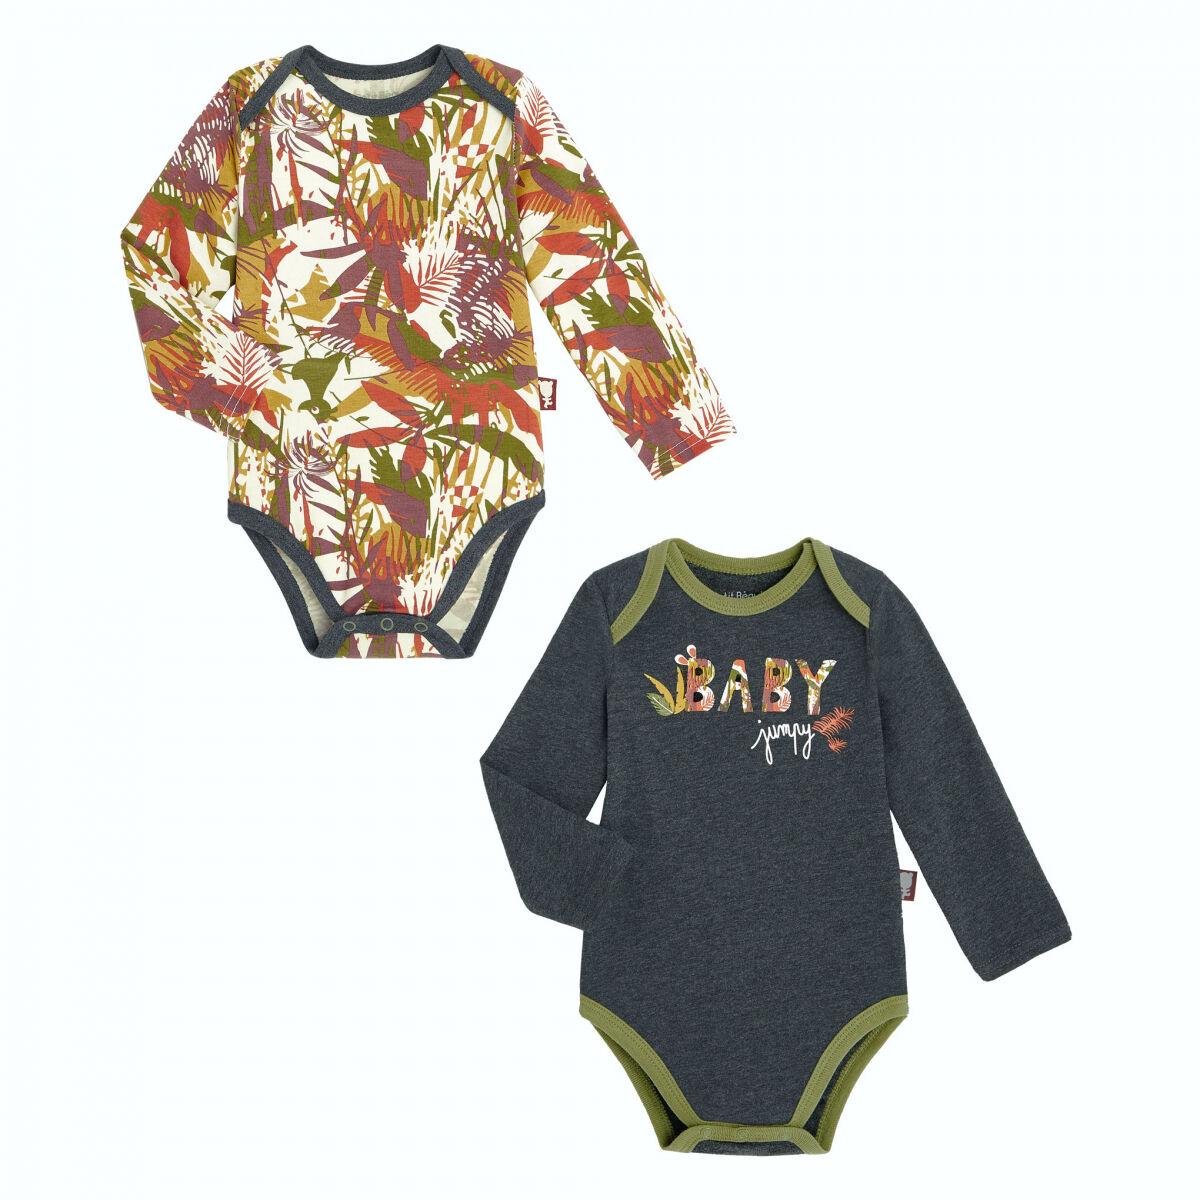 Petit Béguin Lot de 2 bodies bébé garçon manches longues contenant du coton bio Baby Jumpy - Taille - 6 mois